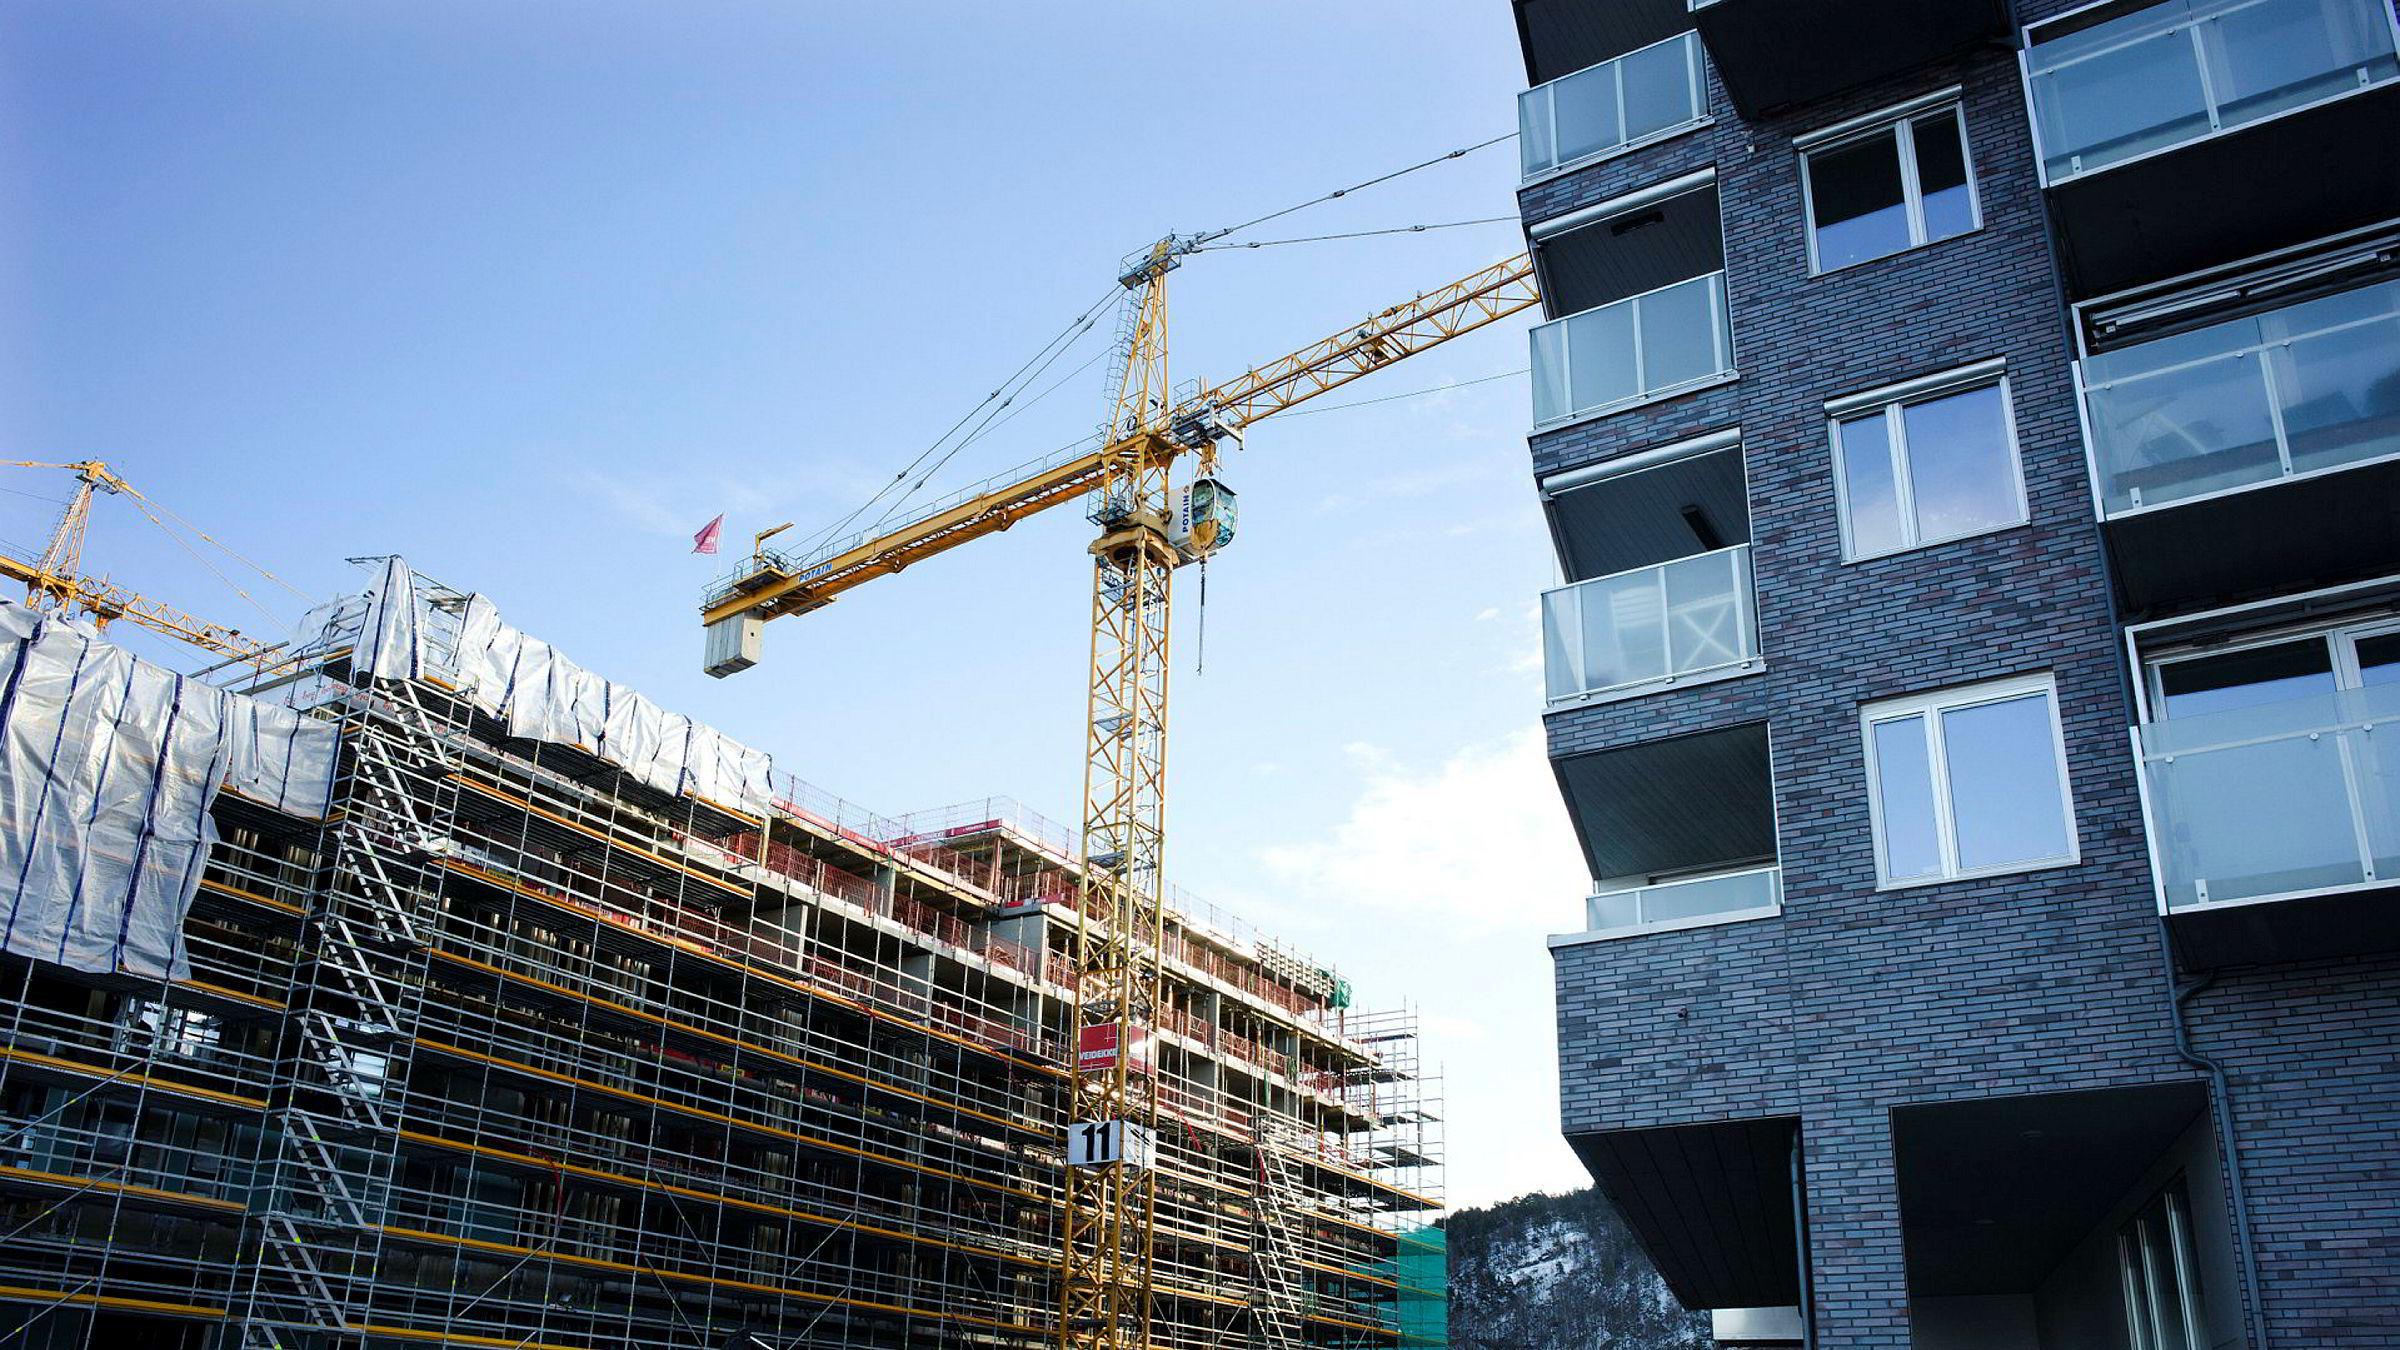 Politikerne må tillate at det bygges høyere og tettere i byen, skriver artikkelforfatteren.